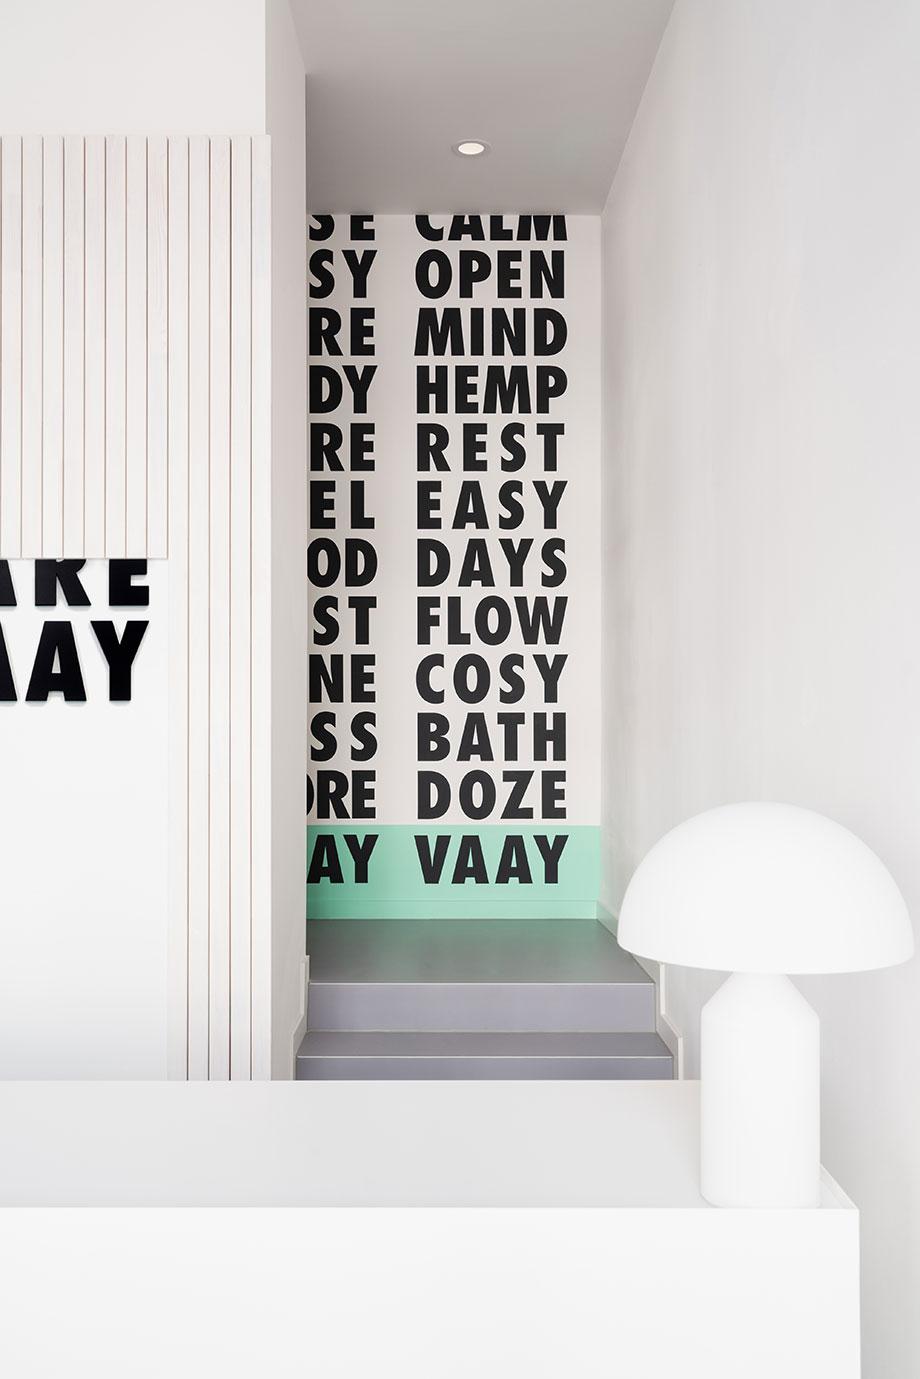 tienda vaay de batek architekten (3) - fotografía marcus wend